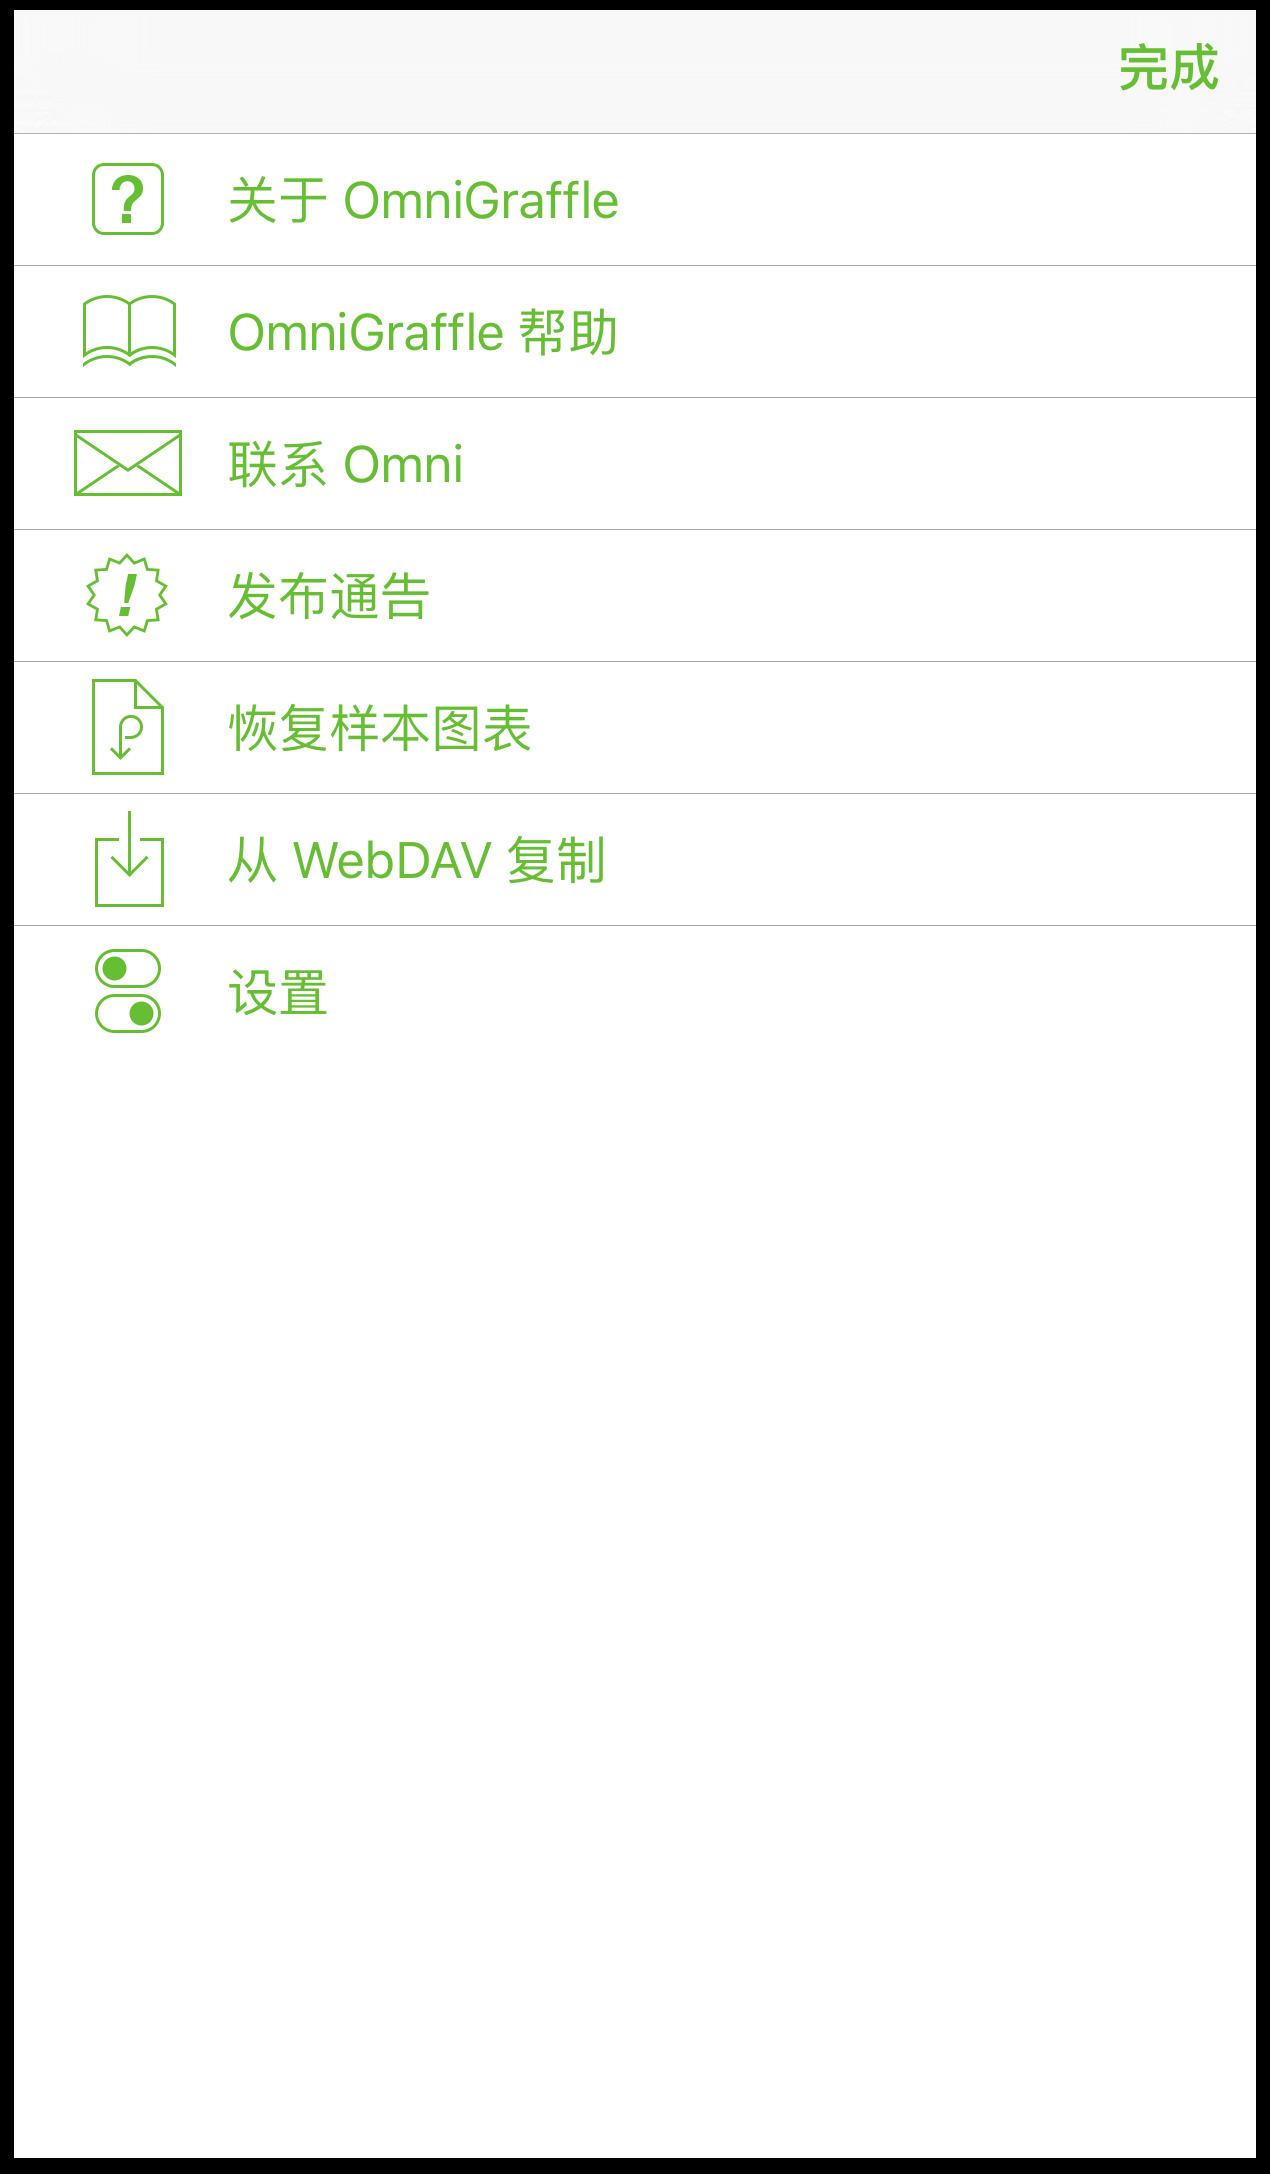 升级到 OmniGraffle 专业版之后的应用程序菜单